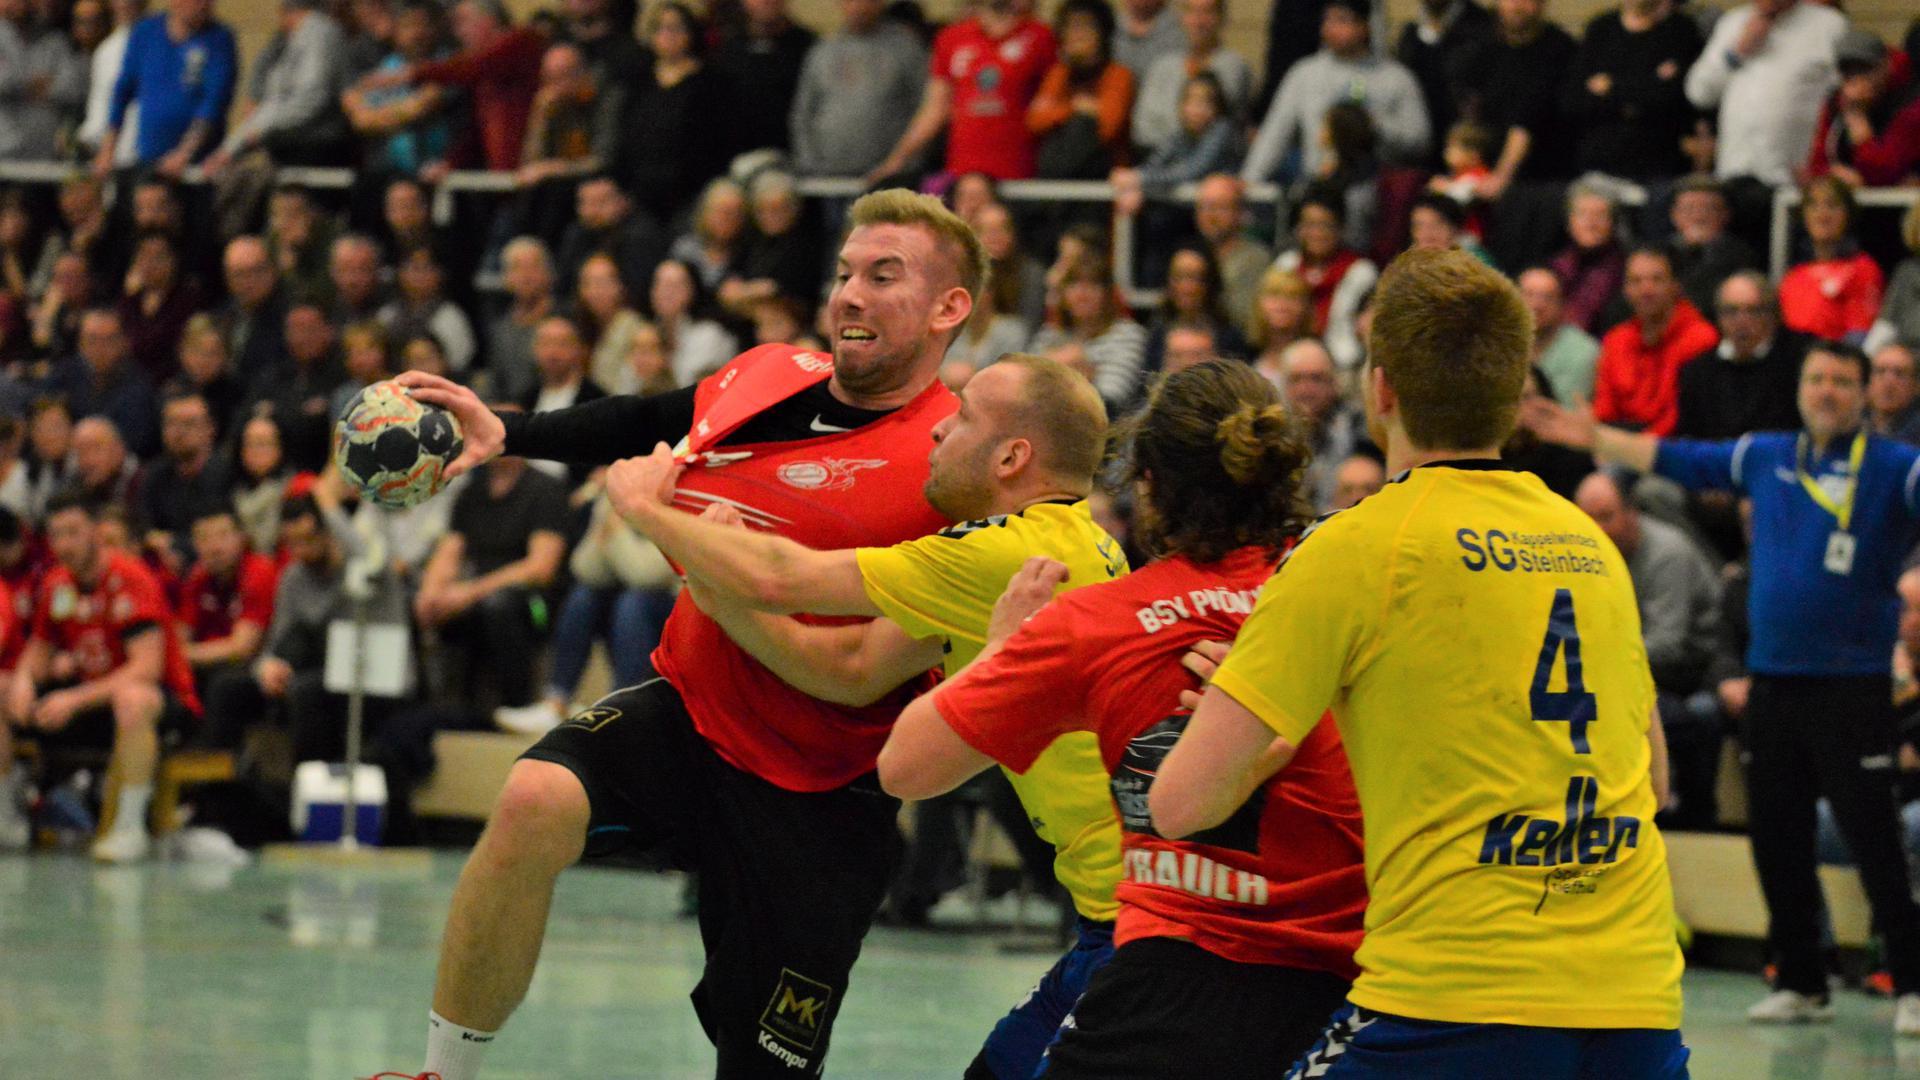 Volle Hallen, spannende Spiele: Auf Szenen wie in der Sinzheimer Fremersberghalle im Lokalderby des einheimischen BSV Phönix gegen Steinbach/Kappelwindeck werden die Handballfans wohl noch einige Zeit warten müssen.